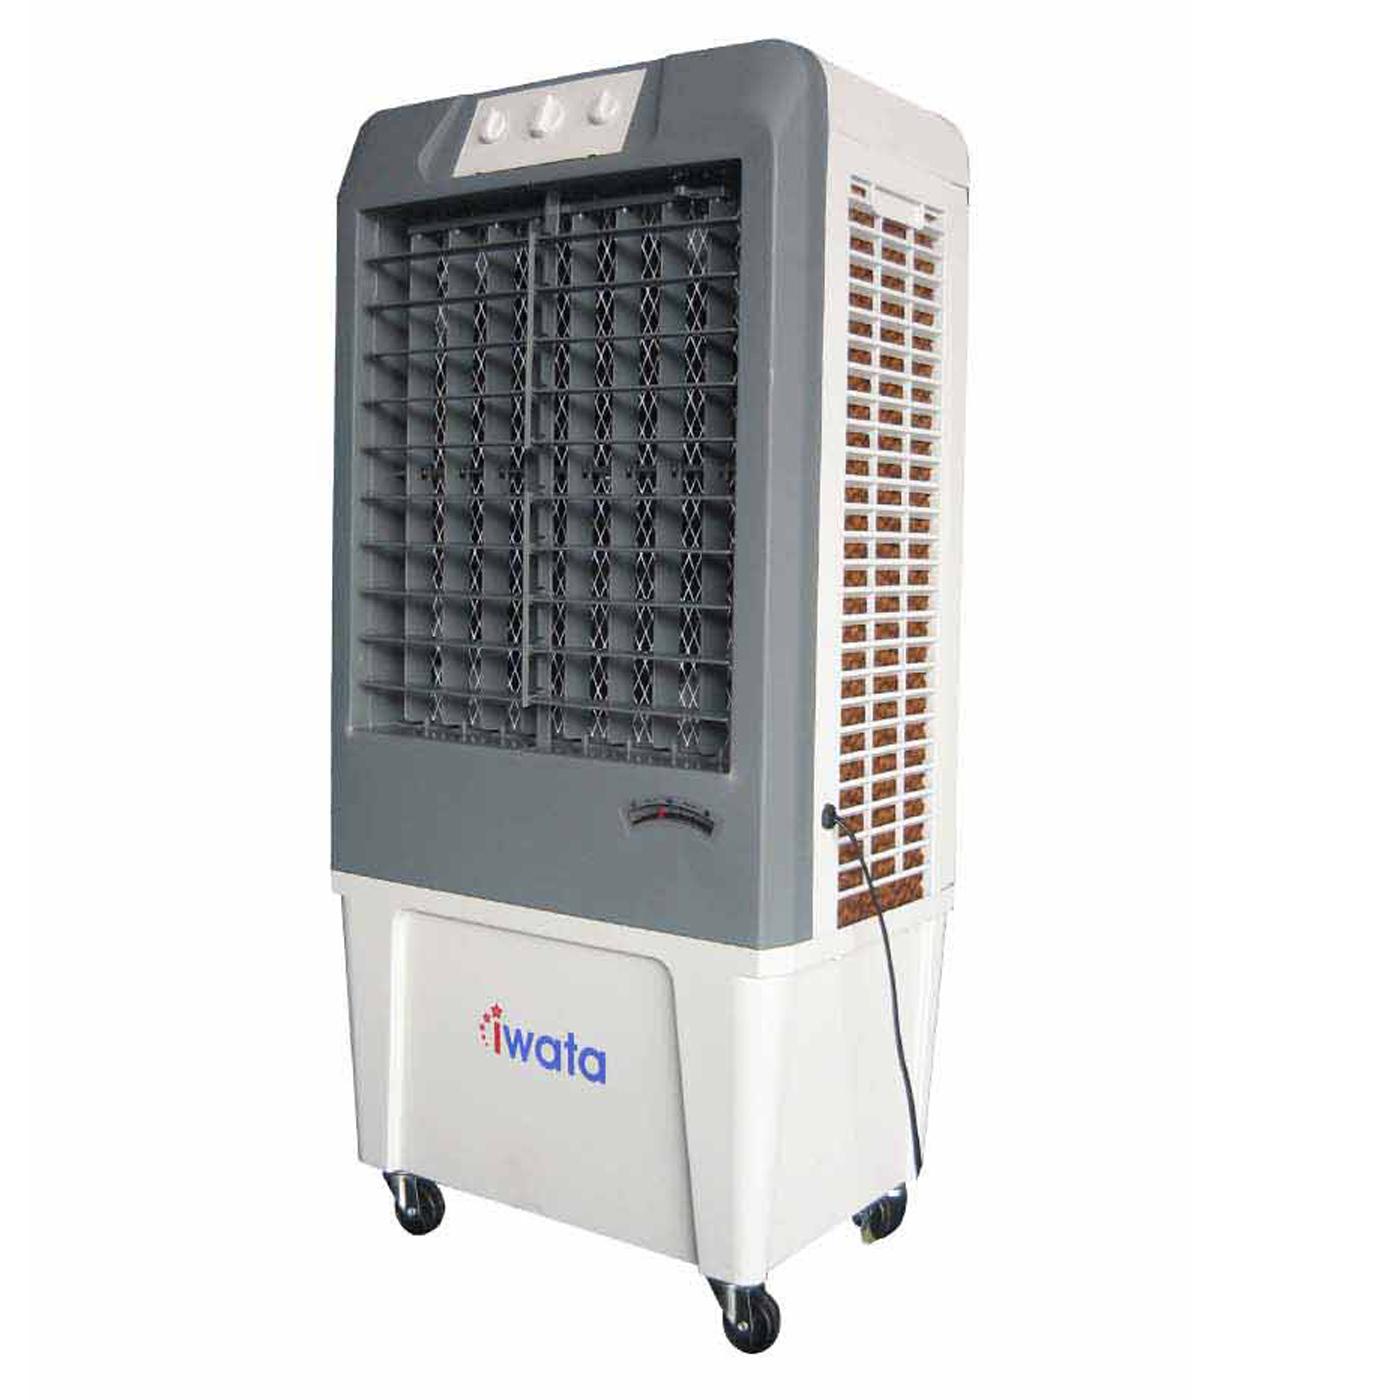 datche office machine iwata air blaster